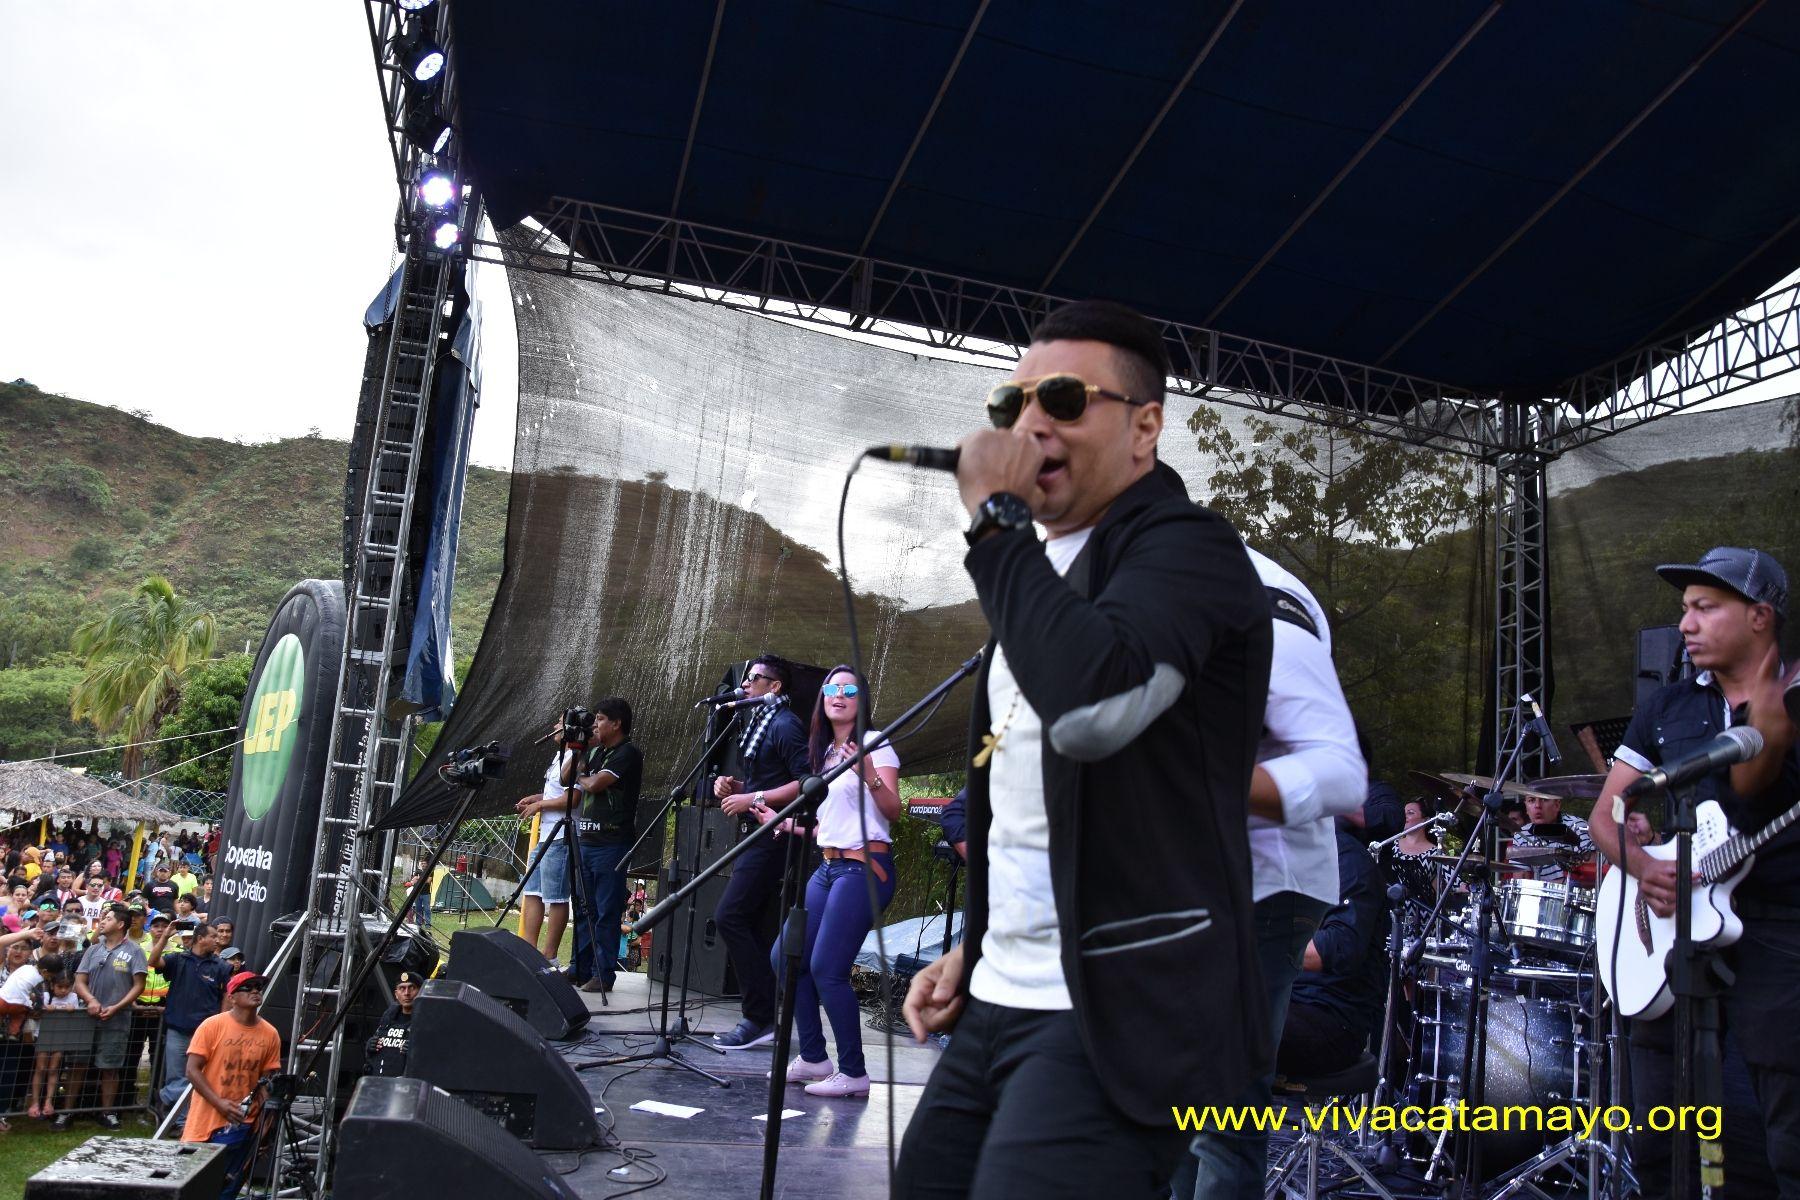 Carnaval 2017- Catamayo- Alma Bella (1)062